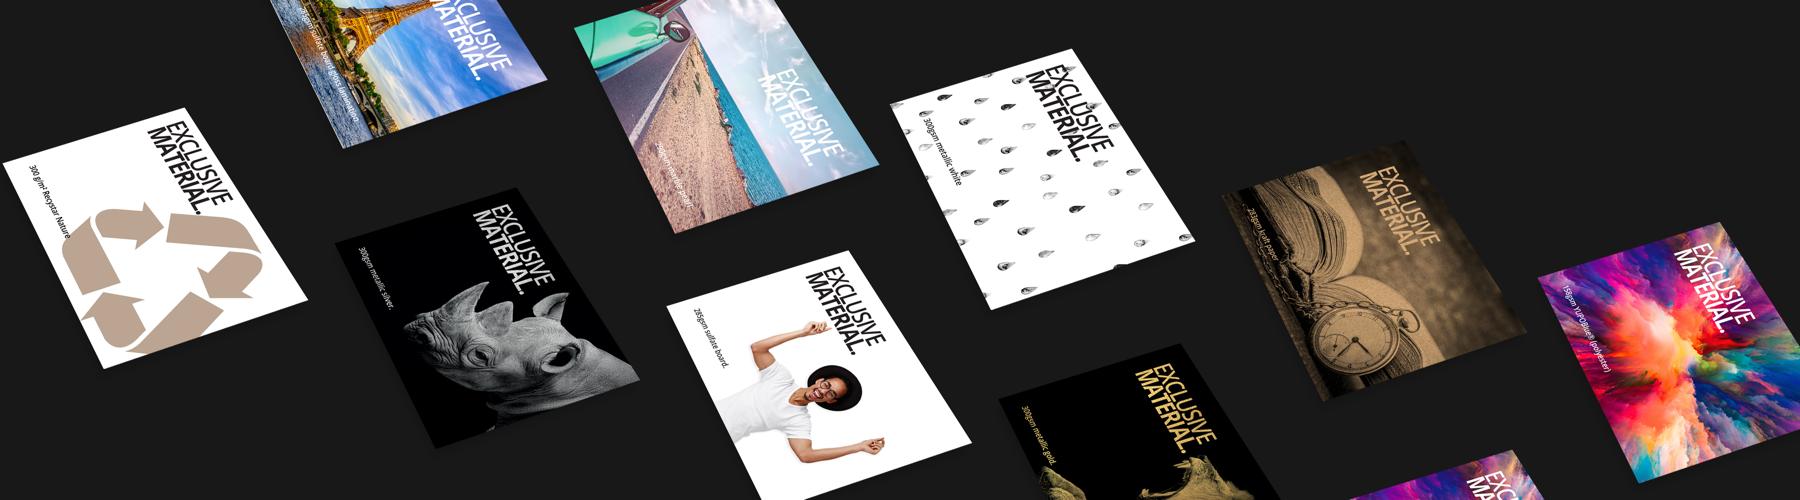 ¿Qué material especial de flyers se adapta mejor a los objetivos de tu empresa?